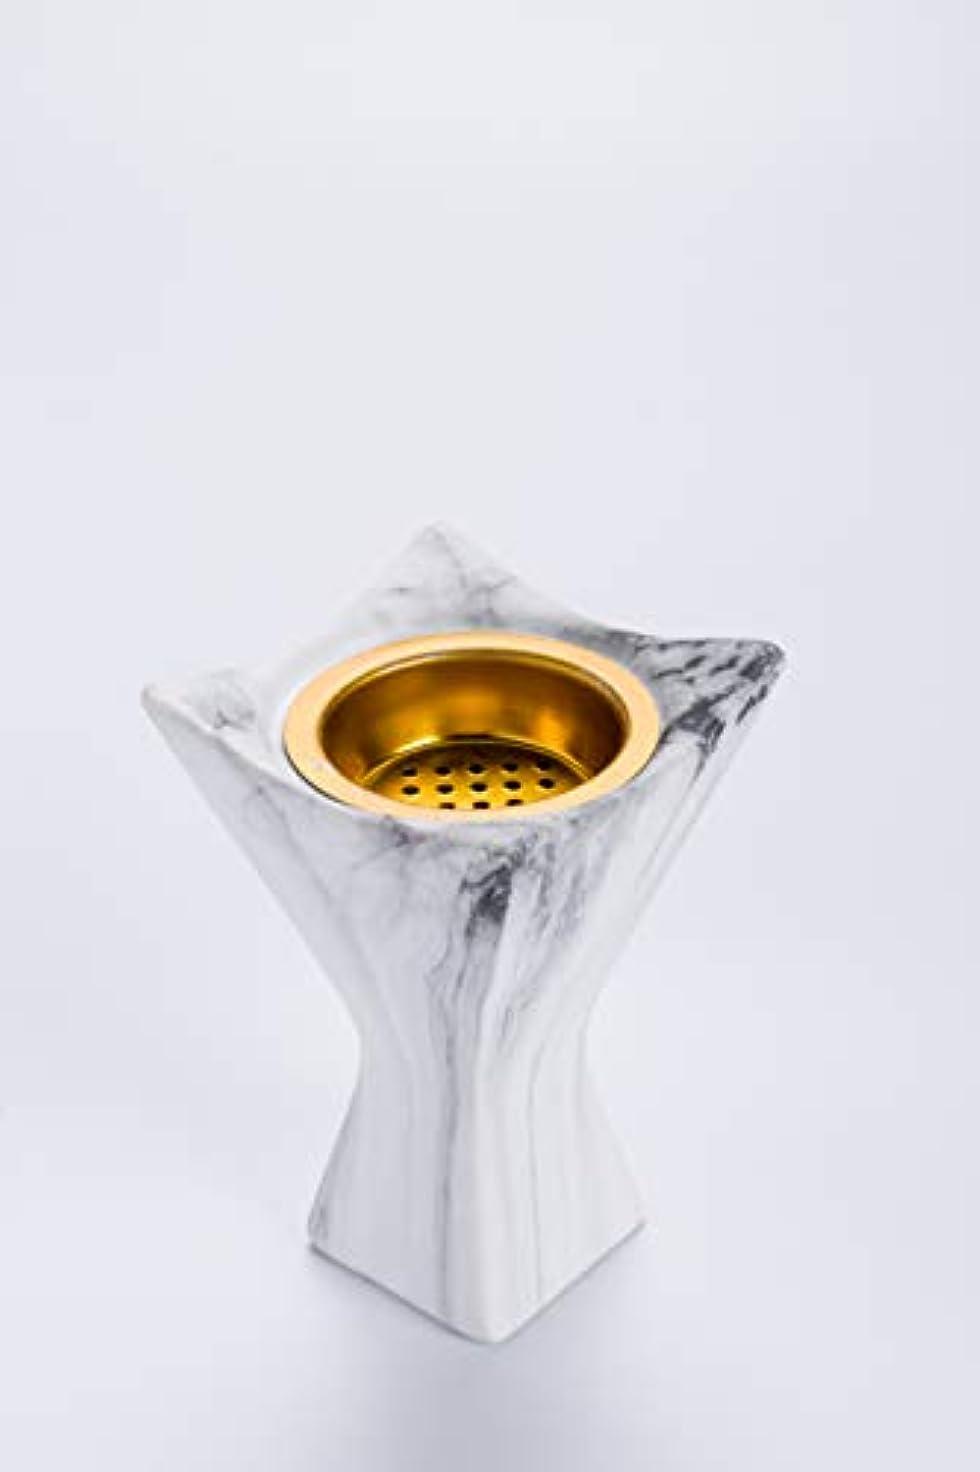 アストロラーベオペレーター伝記KDS アラビア産炭 Bakhoor お香炉 ホワイトセラミック 乳香ホルダー ホワイト